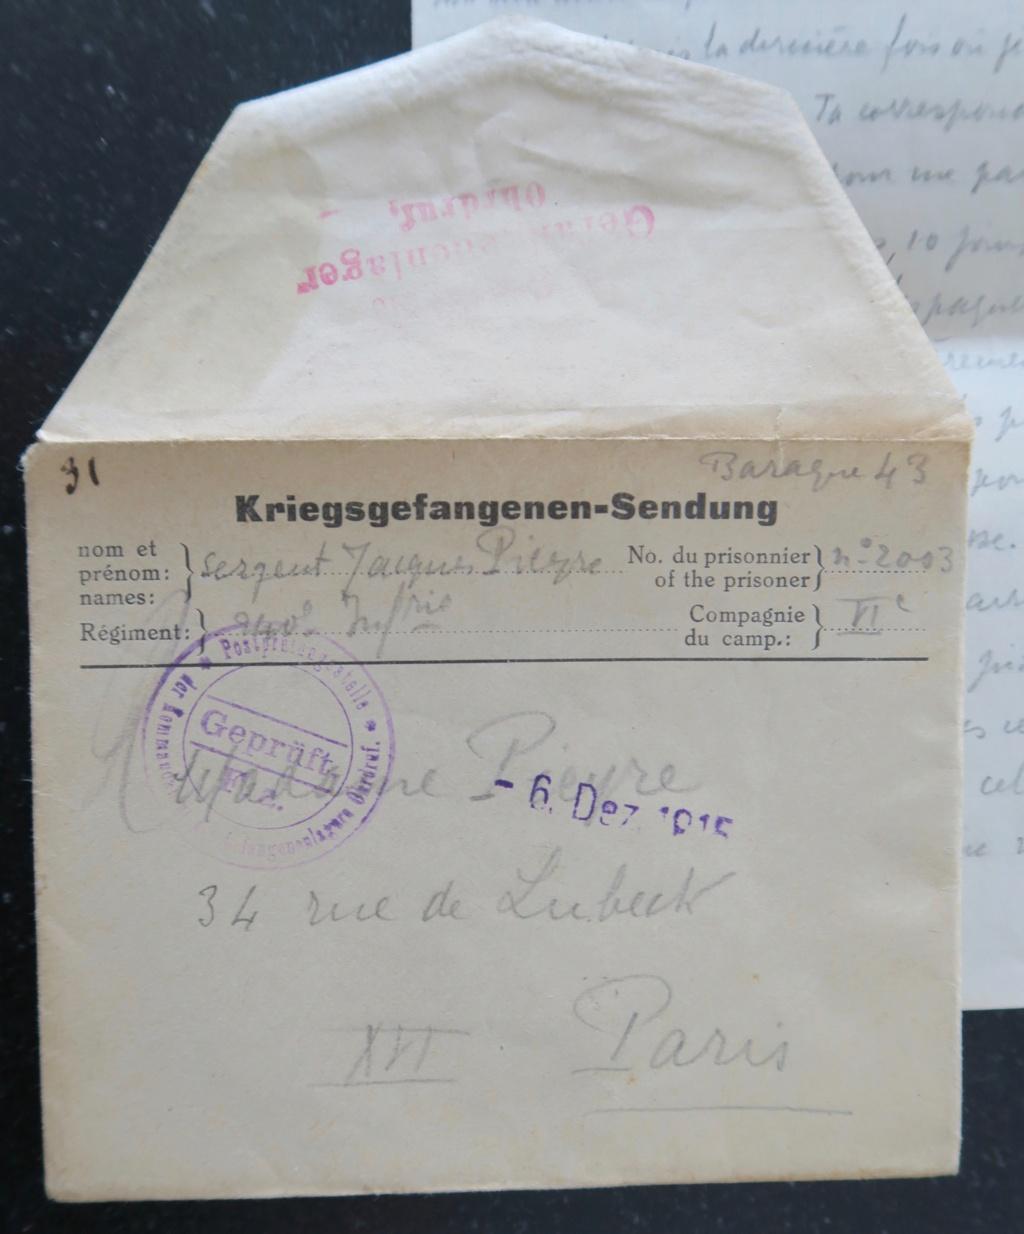 lettres de prisonnier de guerre Img_2133